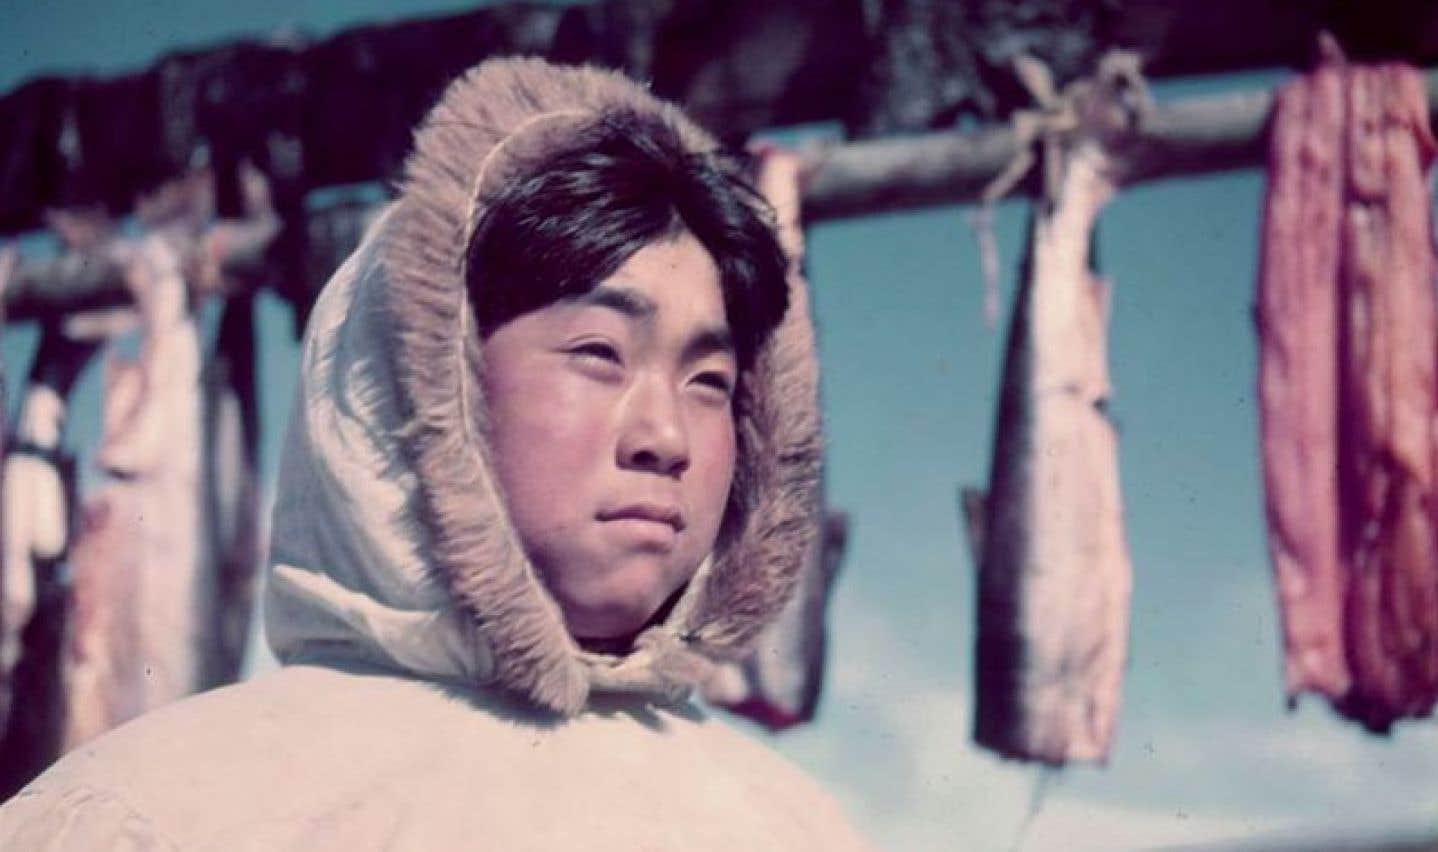 Jeune garçon, Ivujivik, Québec, juillet 1951. Ce dernier n'a pas encore été identifié.